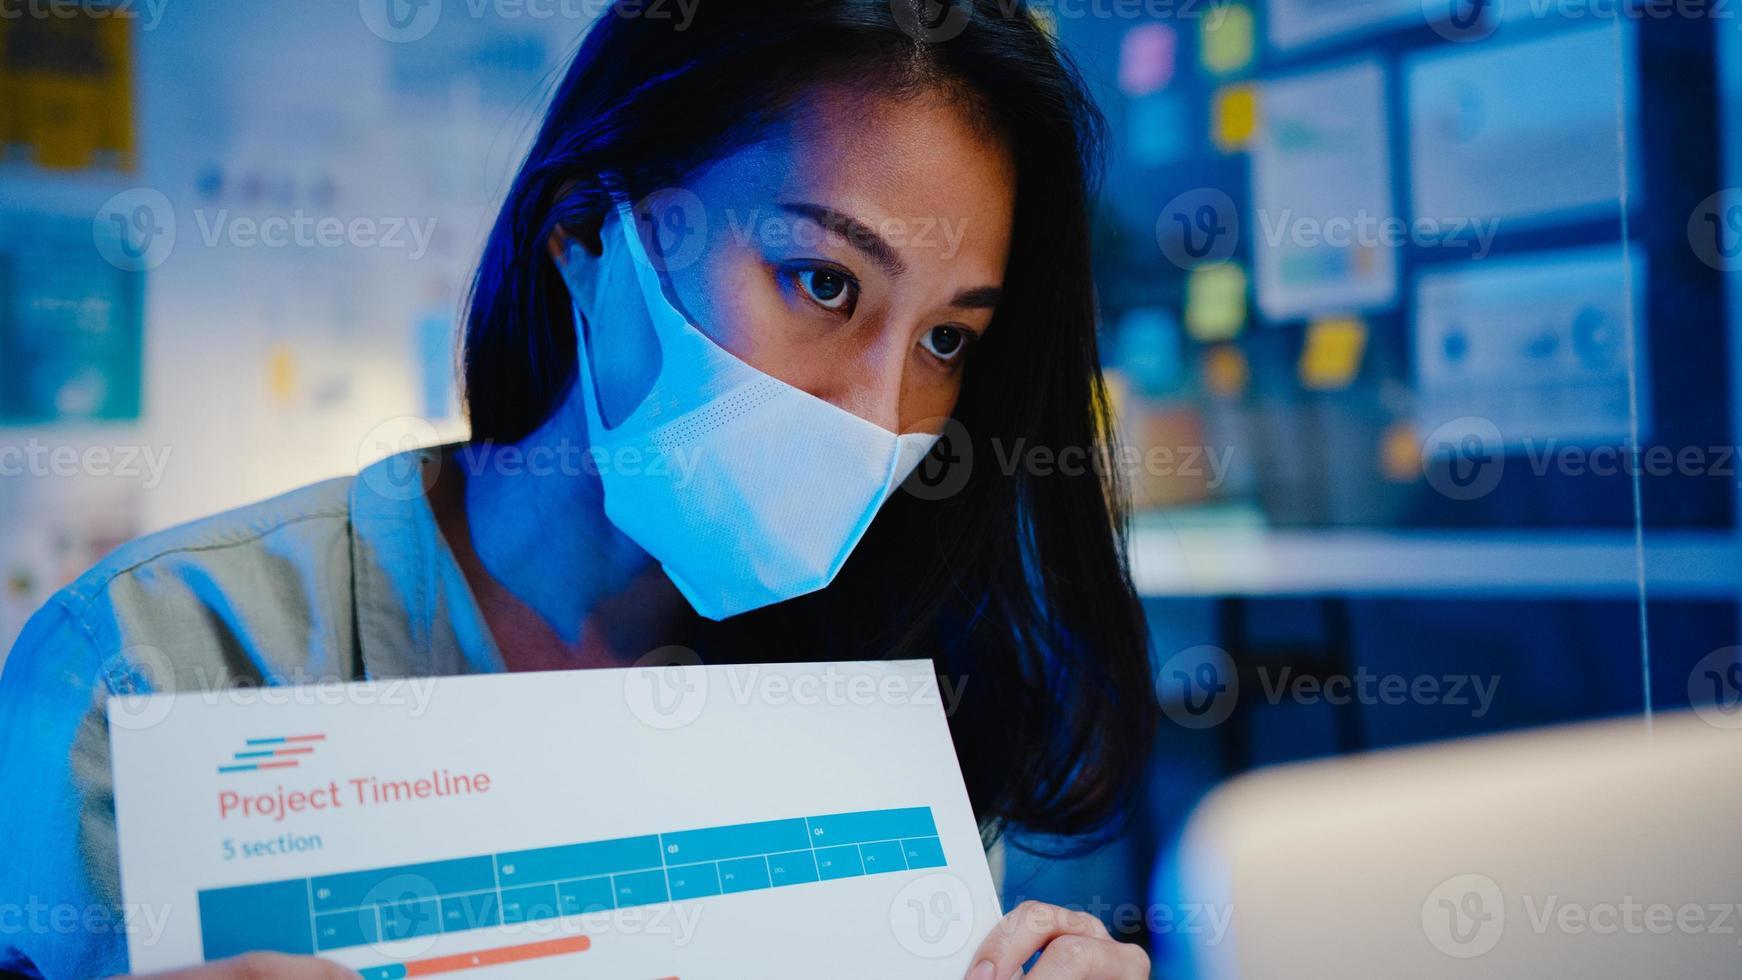 asiatisk affärskvinna social distansering i en ny normal situation för förebyggande när man använder bärbar datorpresentation för kollegor om planering i videosamtal medan man arbetar på kontorsnatt. livet efter corona. foto